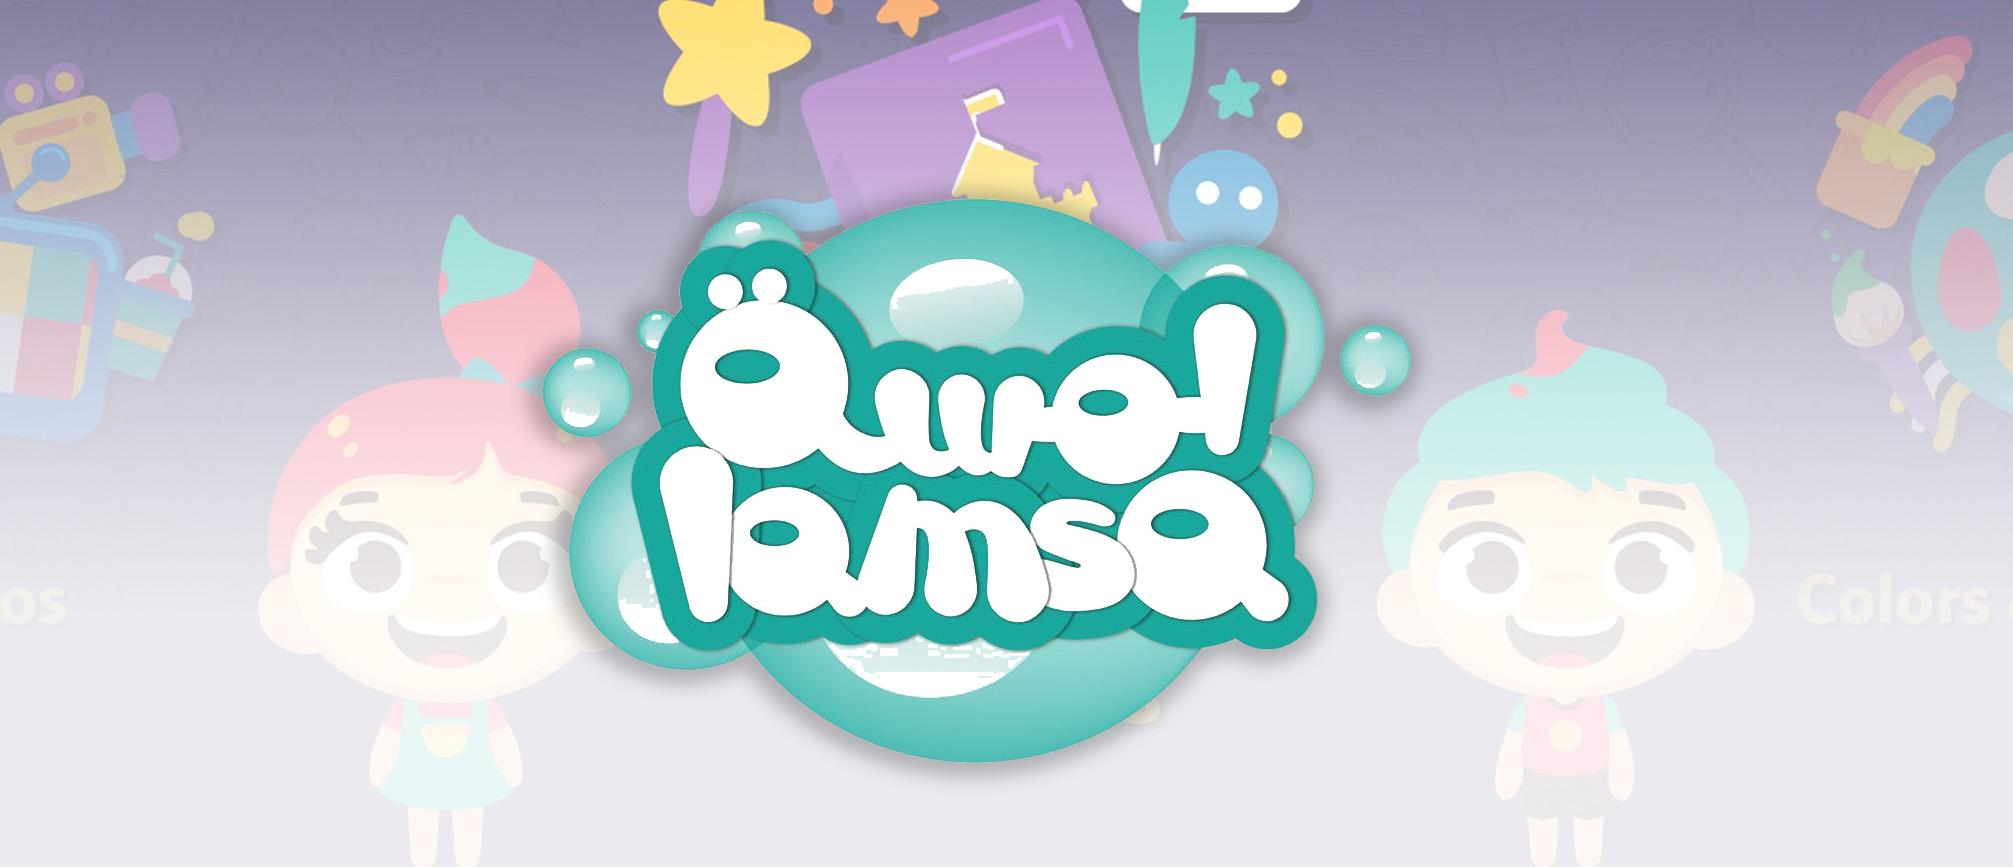 لمسة .. التطبيق الأول للأطفال في مجال التعليم والترفيه باللغة العربية